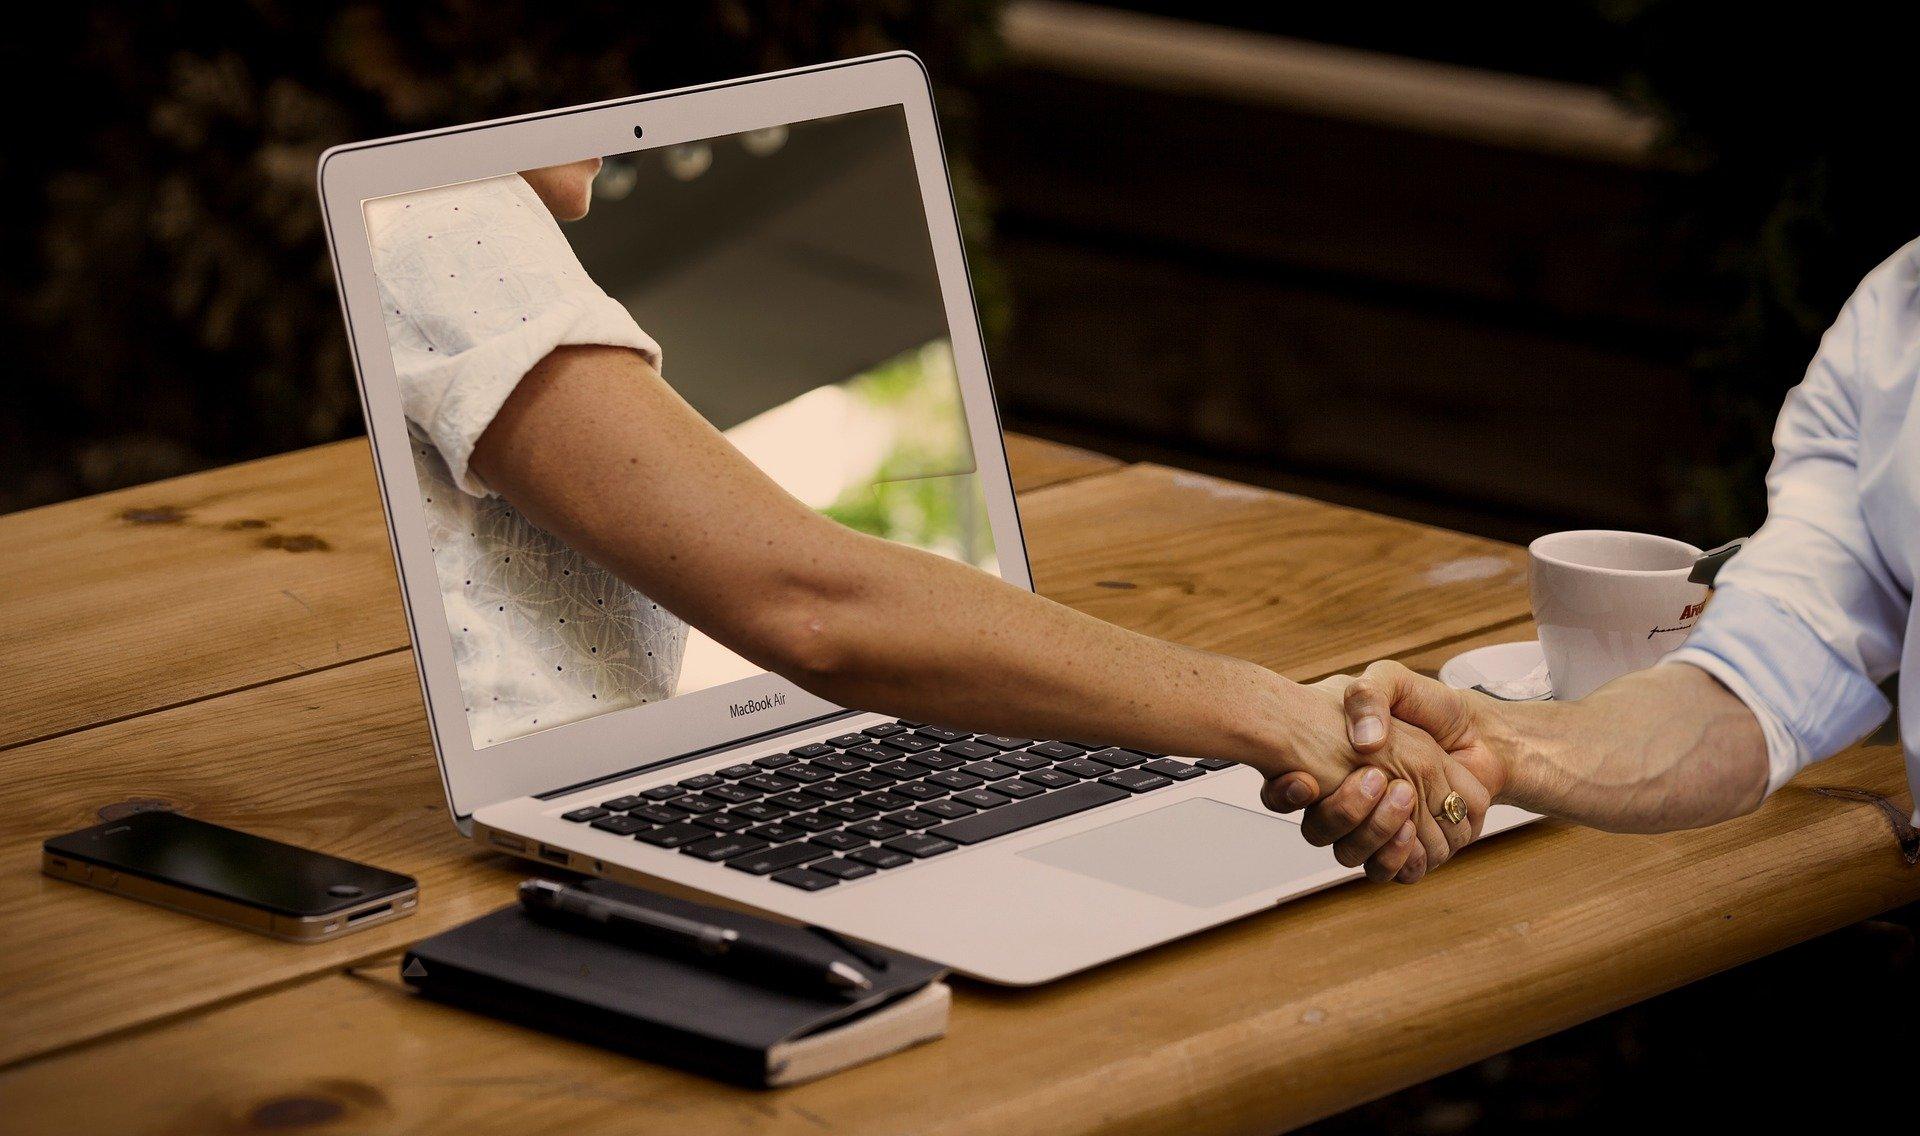 Il fattore umano: un pc, una mano che esce dallo schermo e ne stringe un'altra